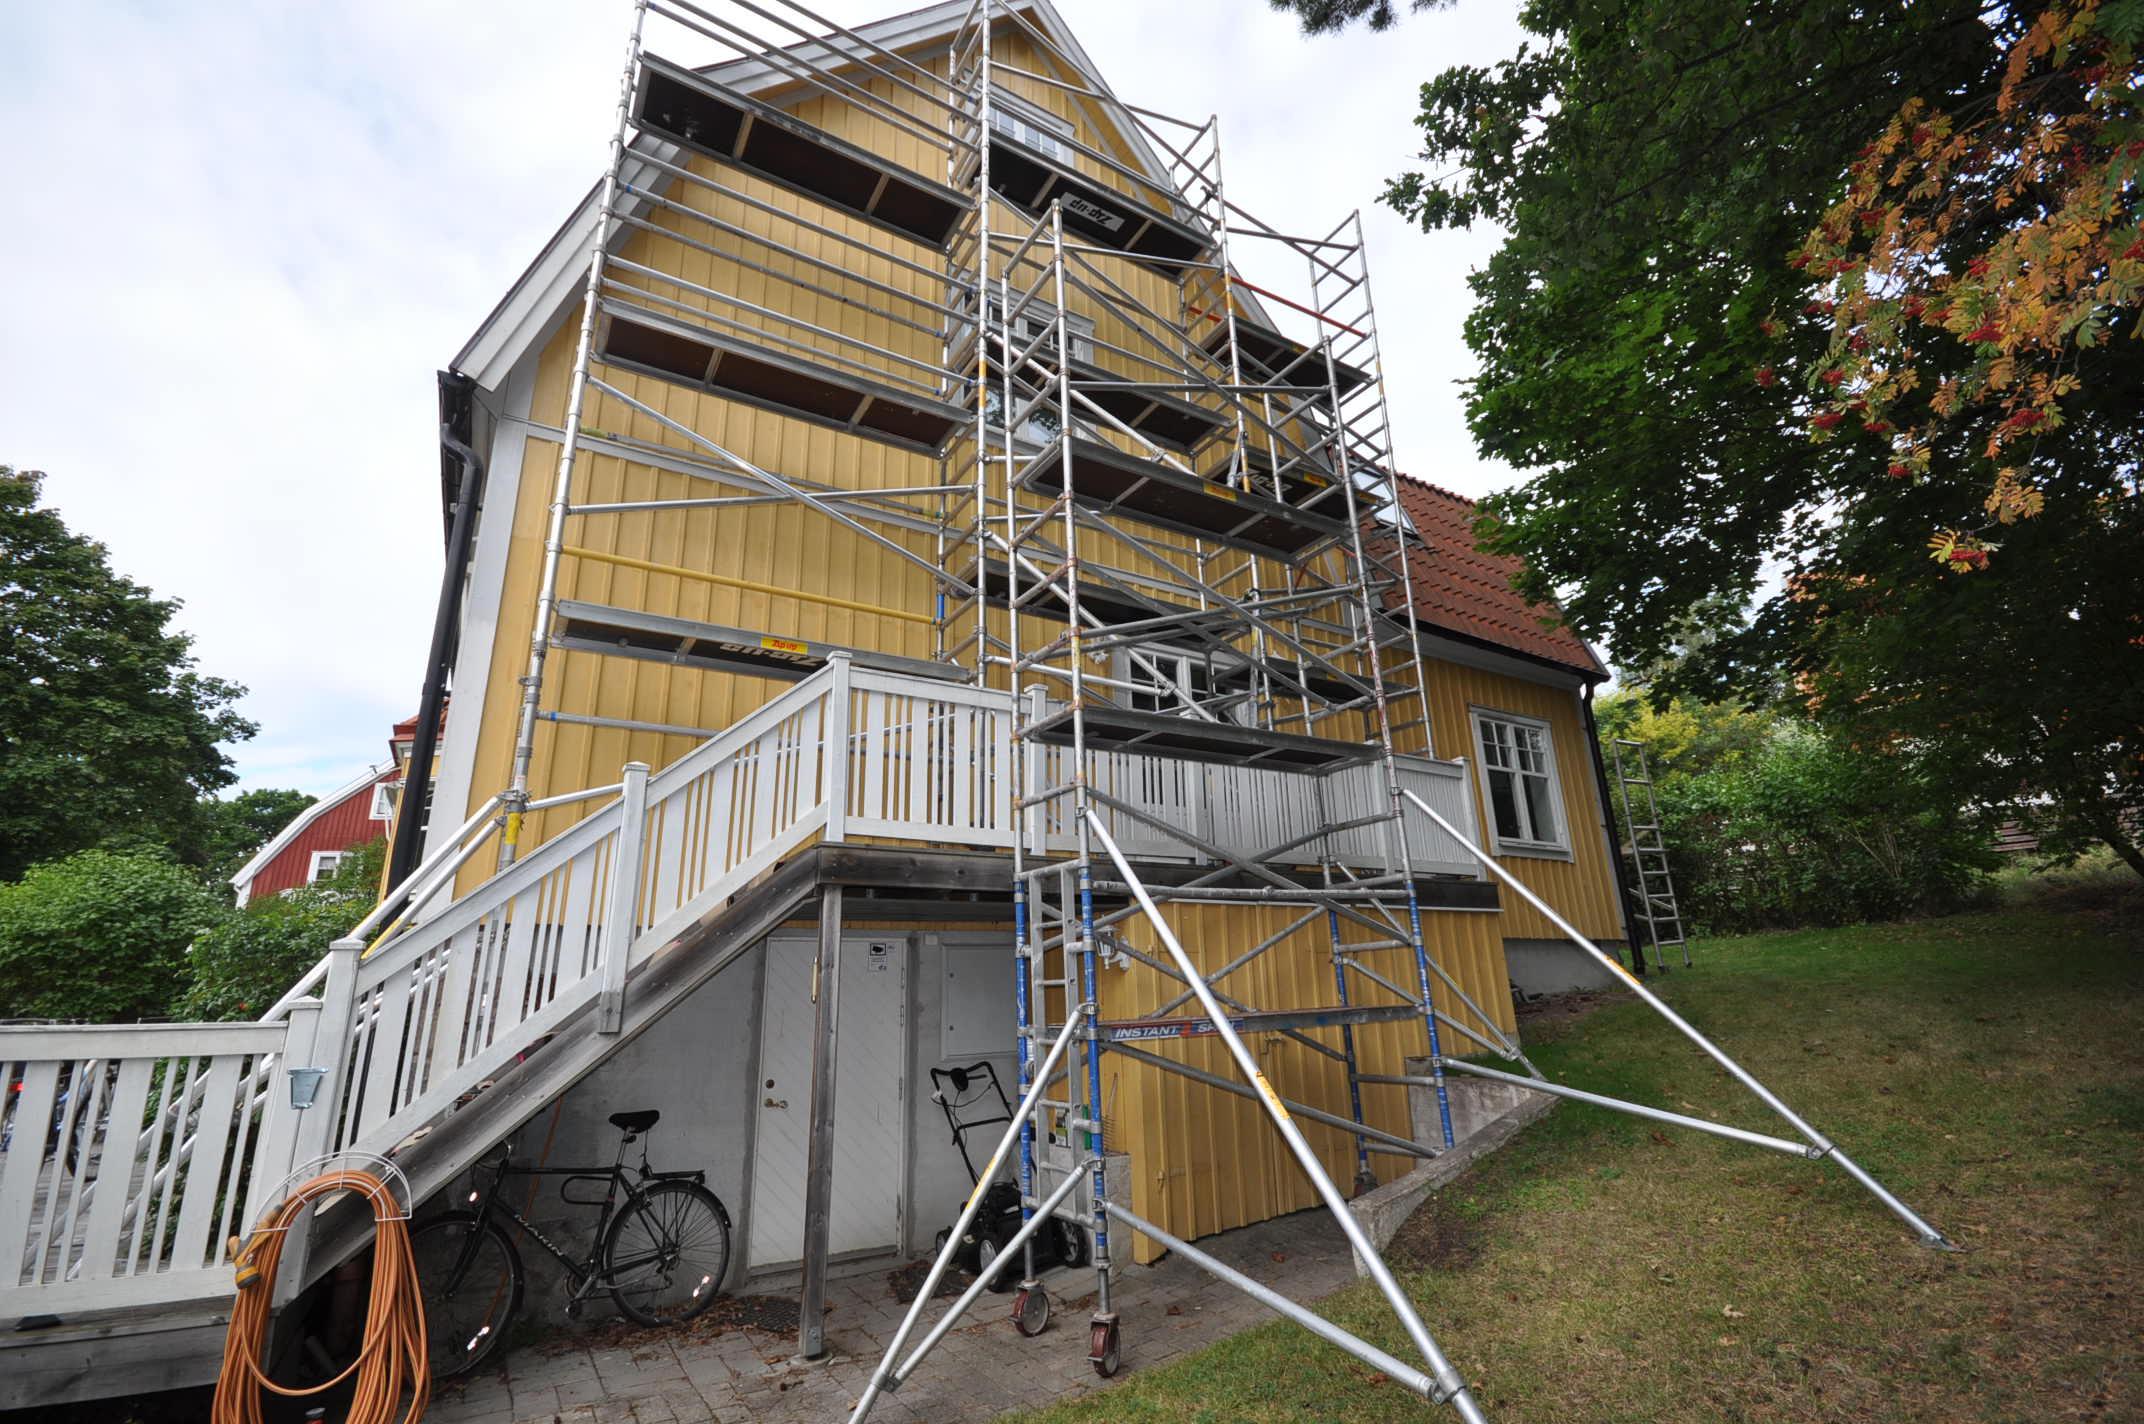 Hyr byggställning Stockholm (5)